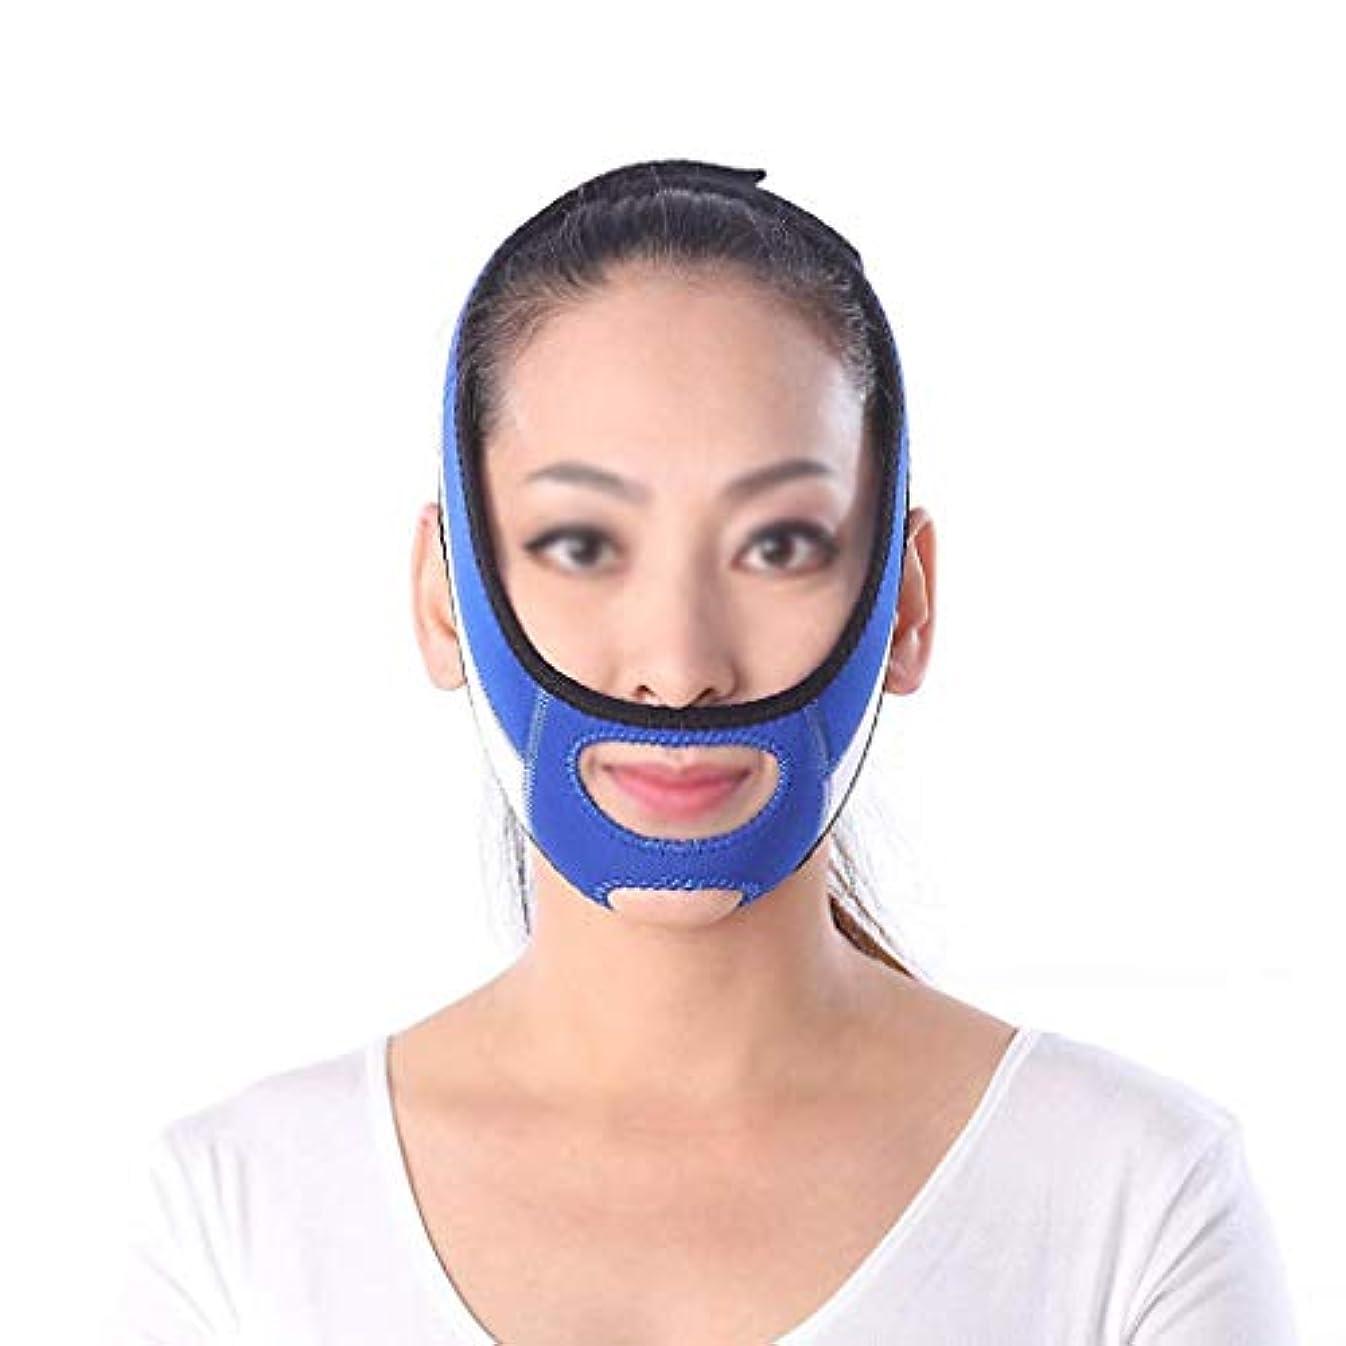 代表する代わって側フェイスリフティング包帯、フェイスリフティングマスク、フェイスリフティングアプライアンス、ダブルチンケア減量、フェイシャルリフティングストラップ(フリーサイズ、ブルー)